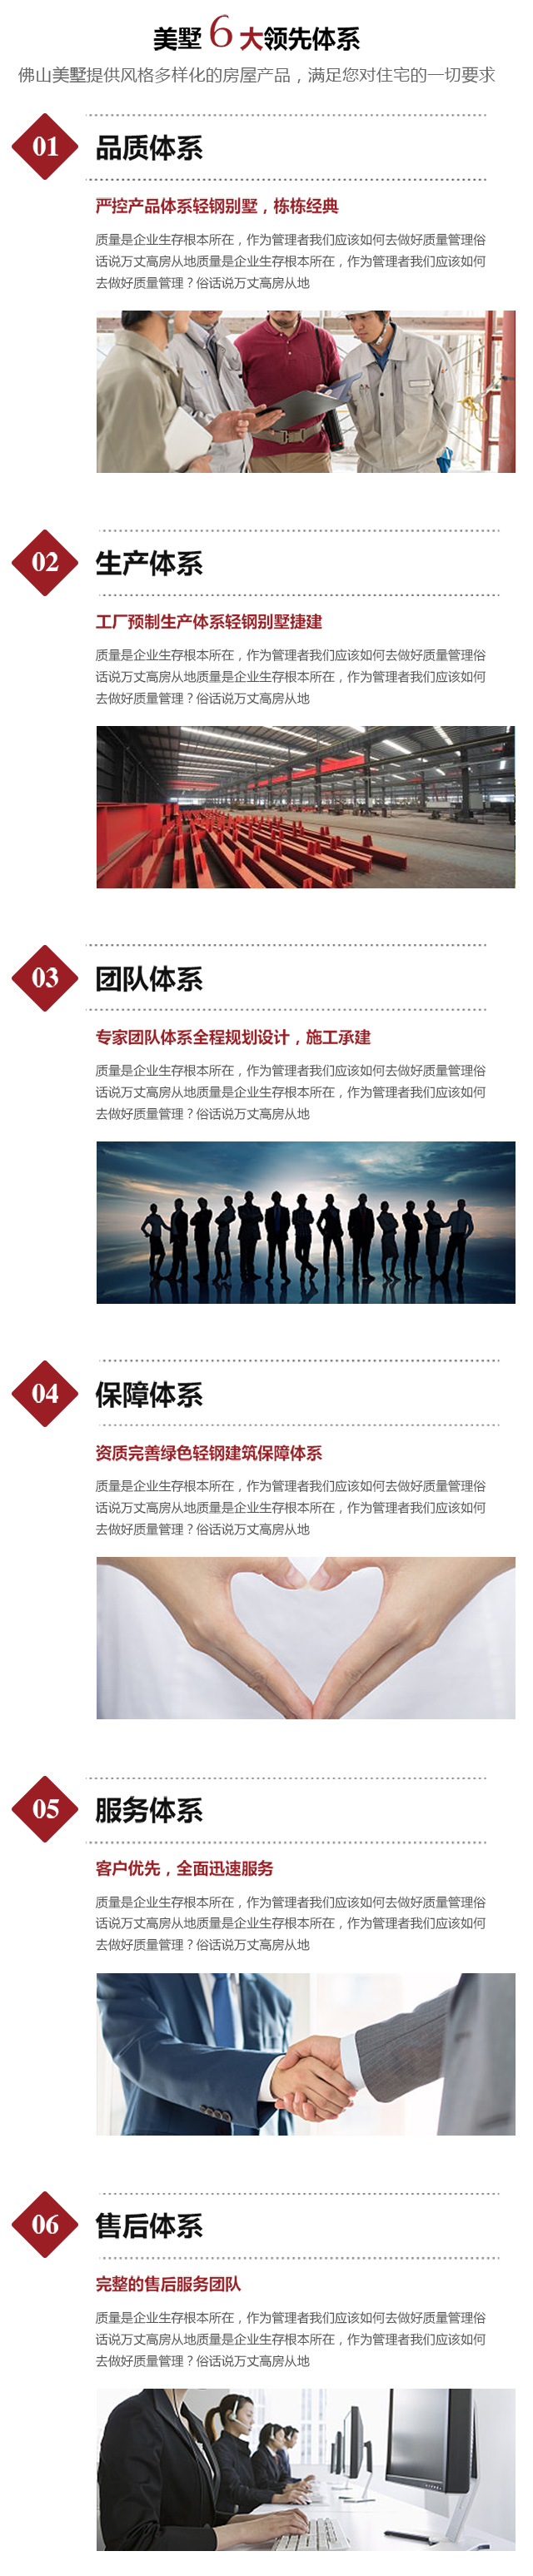 美墅手机cn-恢复的_13.jpg